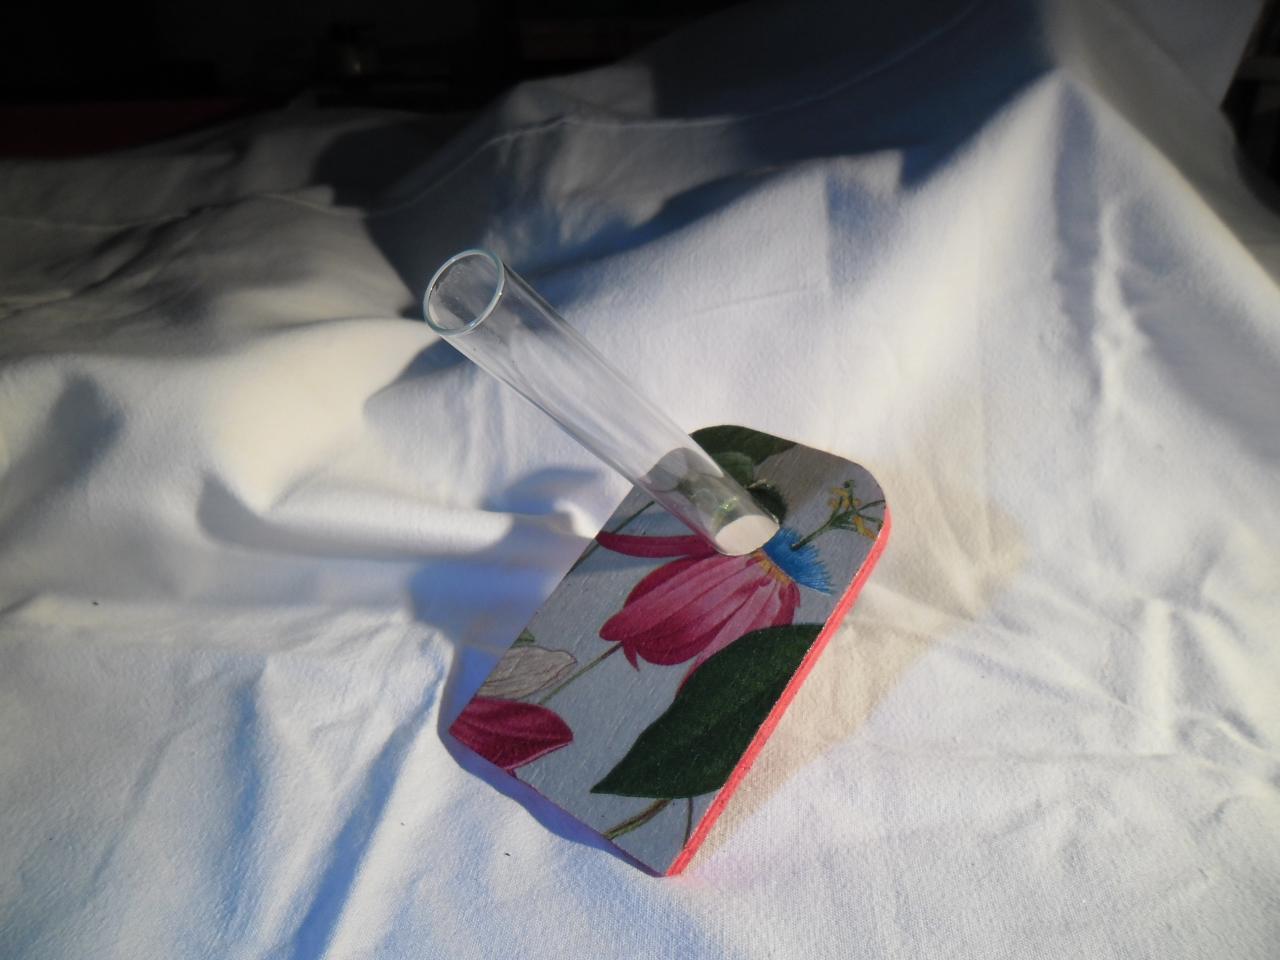 Nouvelles serviettes !